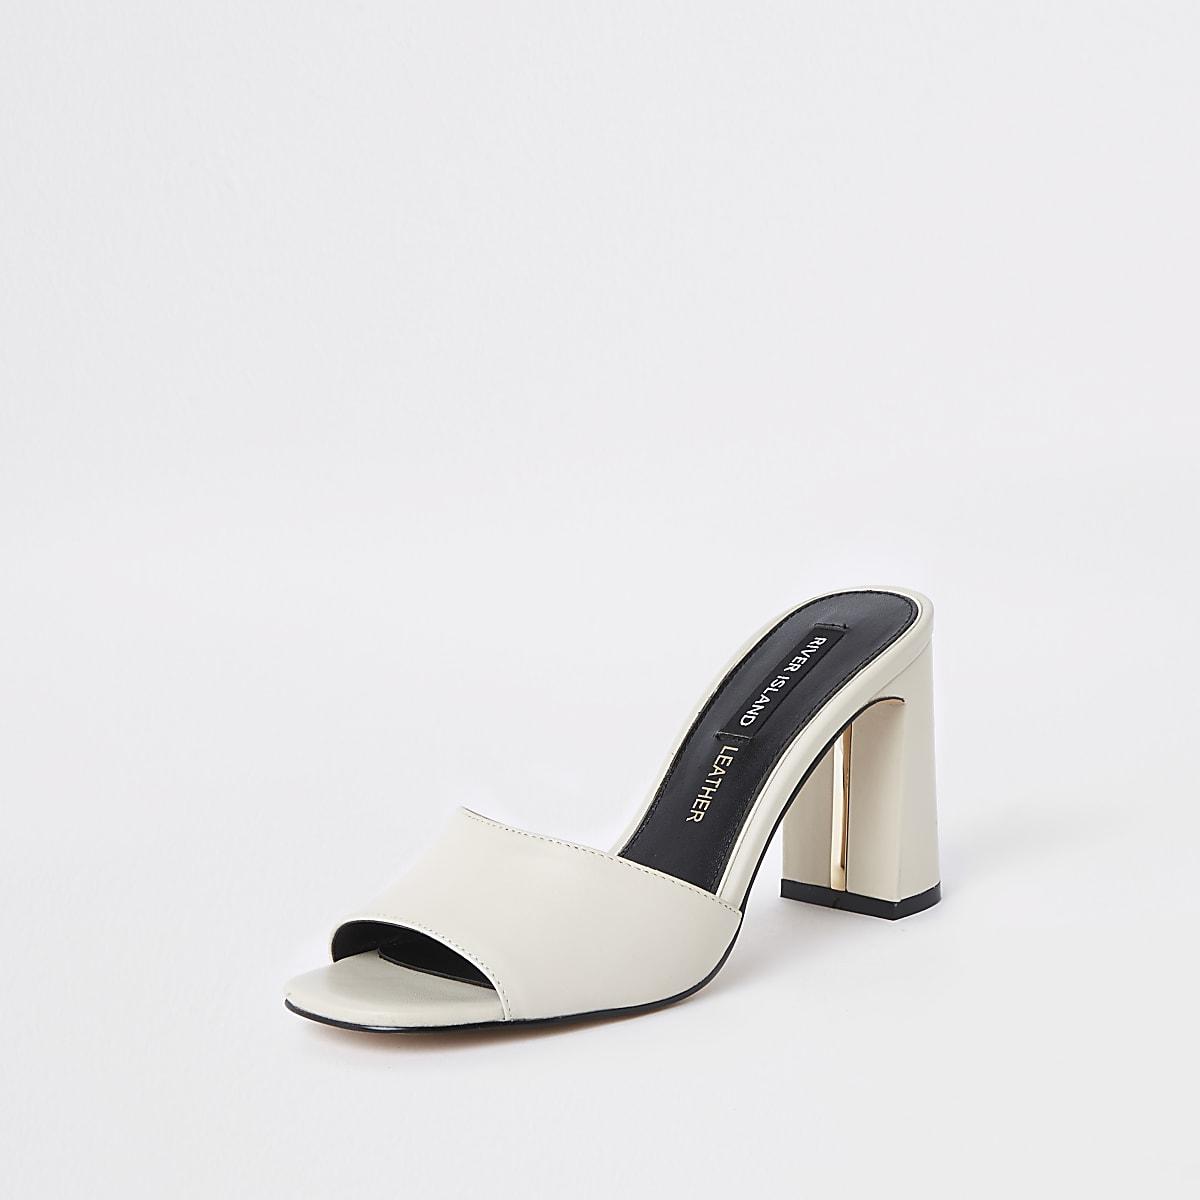 da6f8cc408 White block heel mules